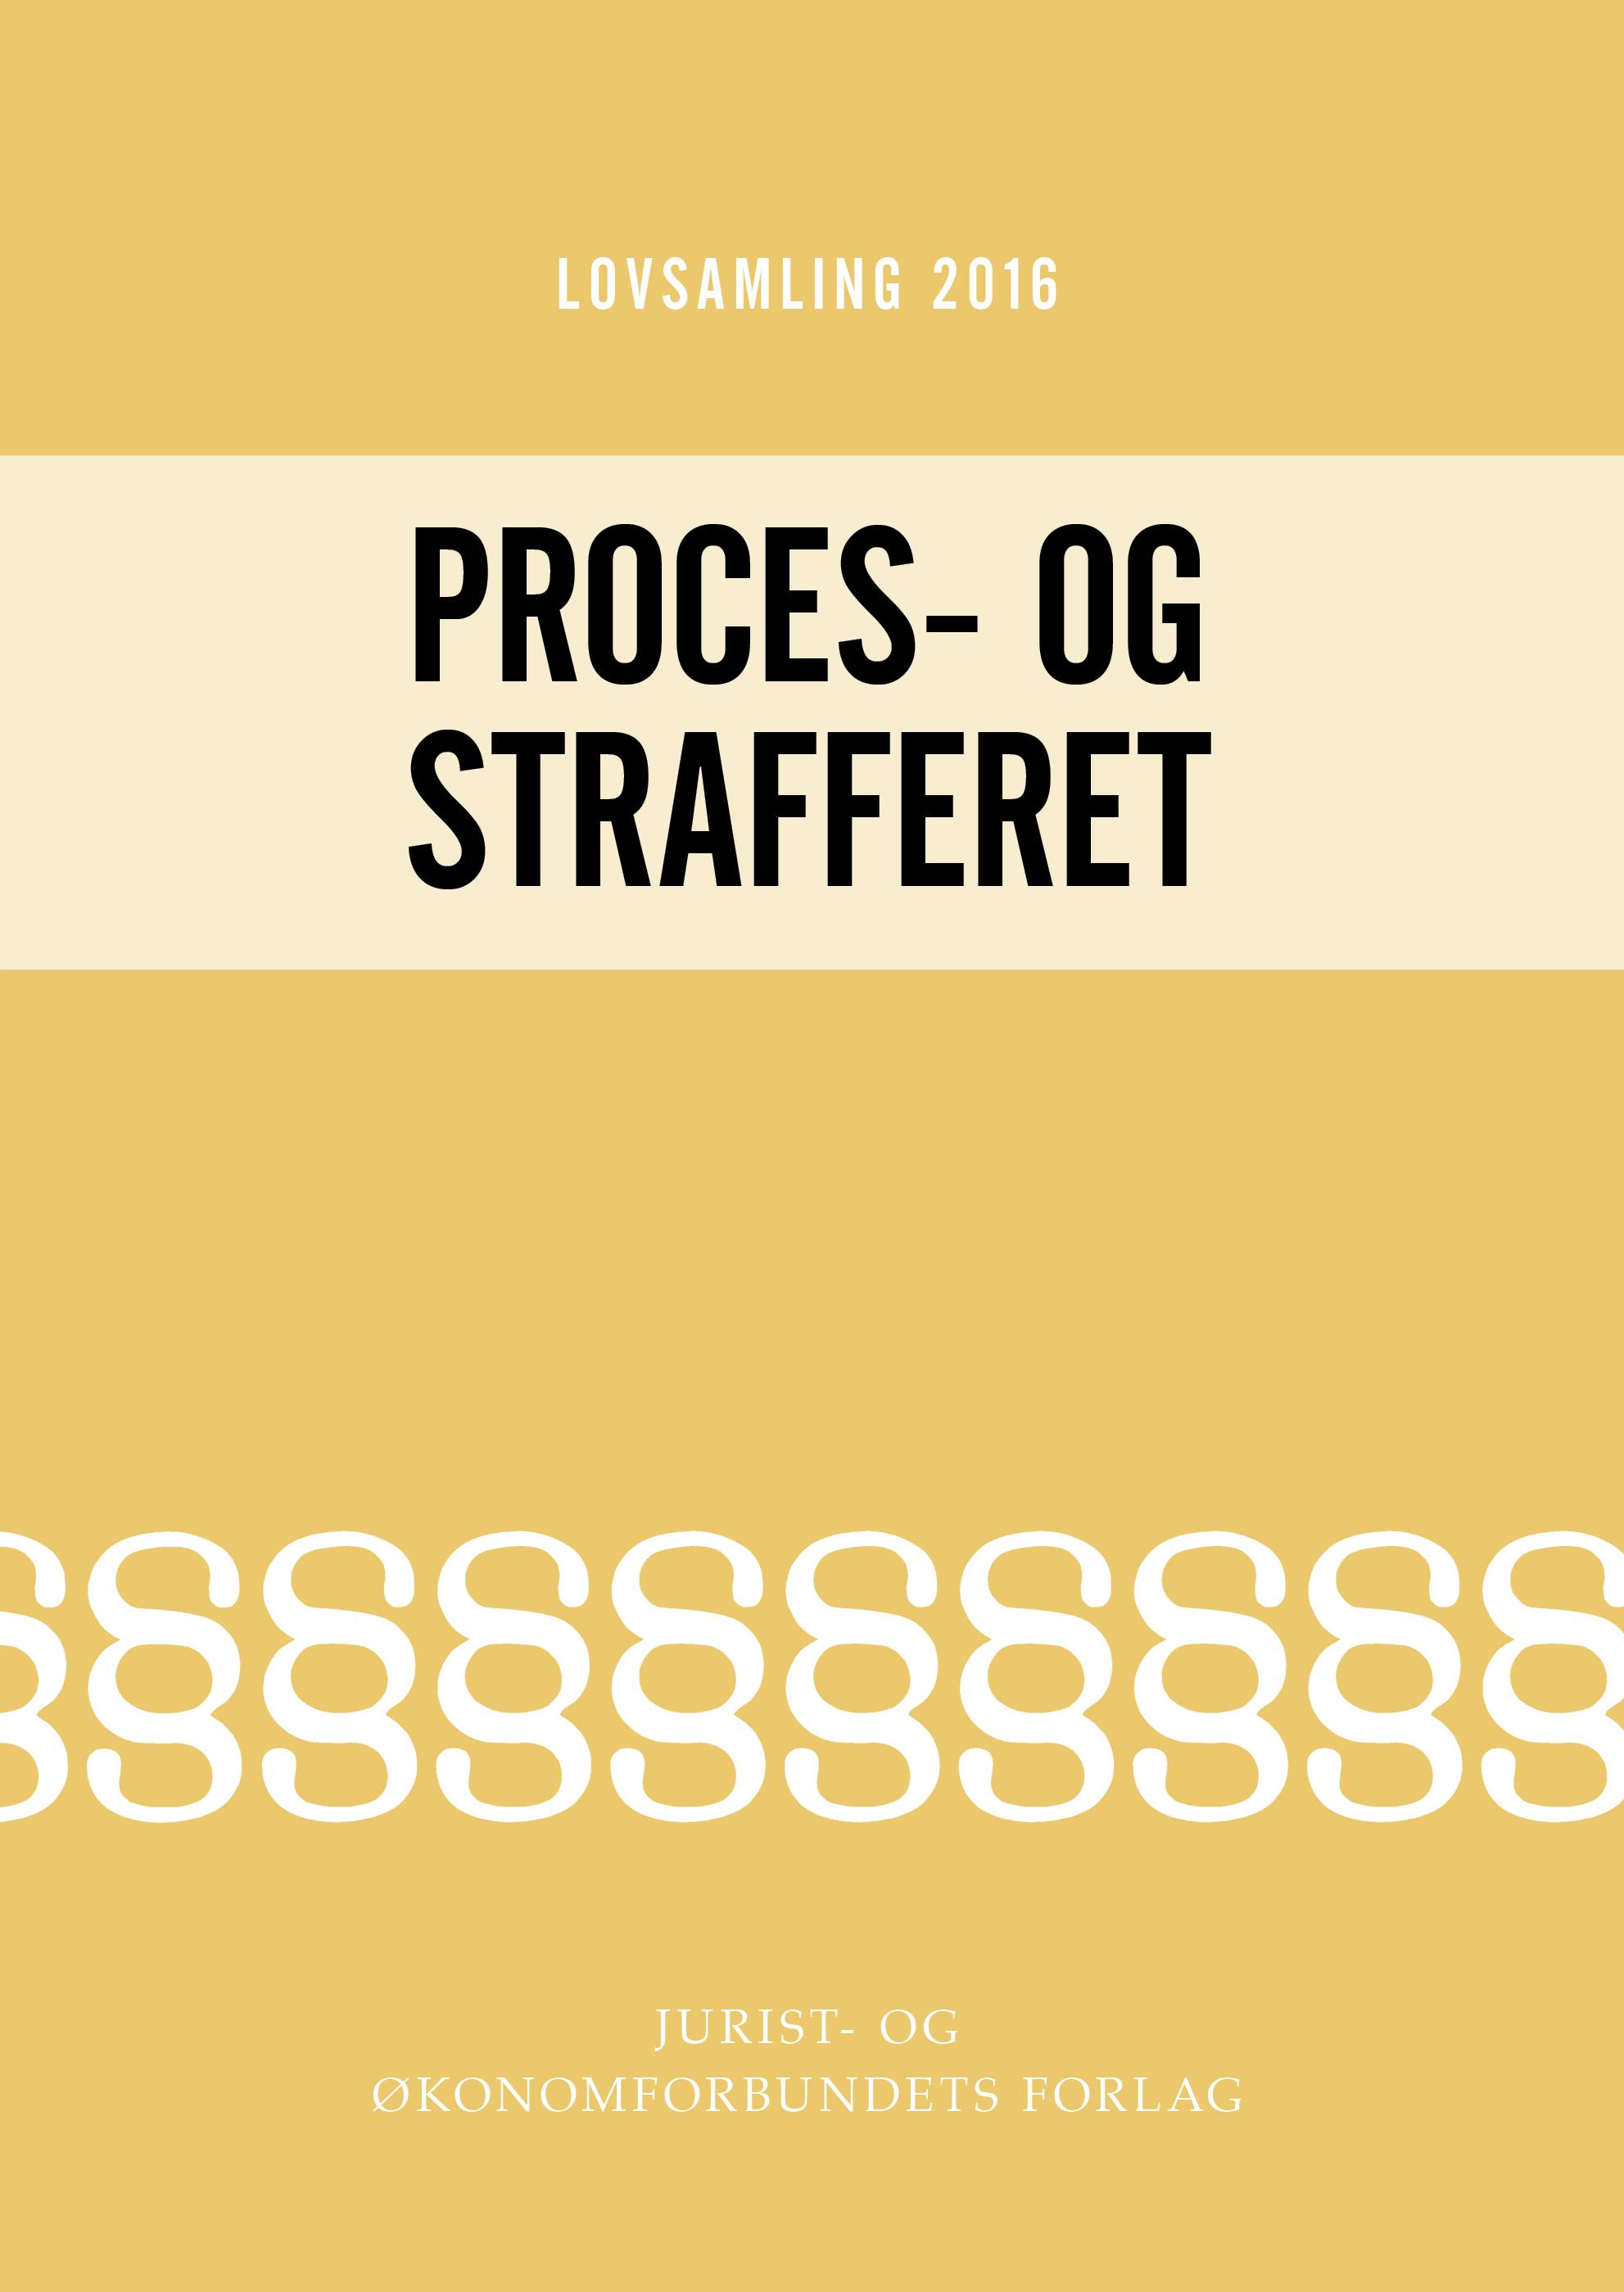 Lovsamling 2016 - Proces- og Strafferet